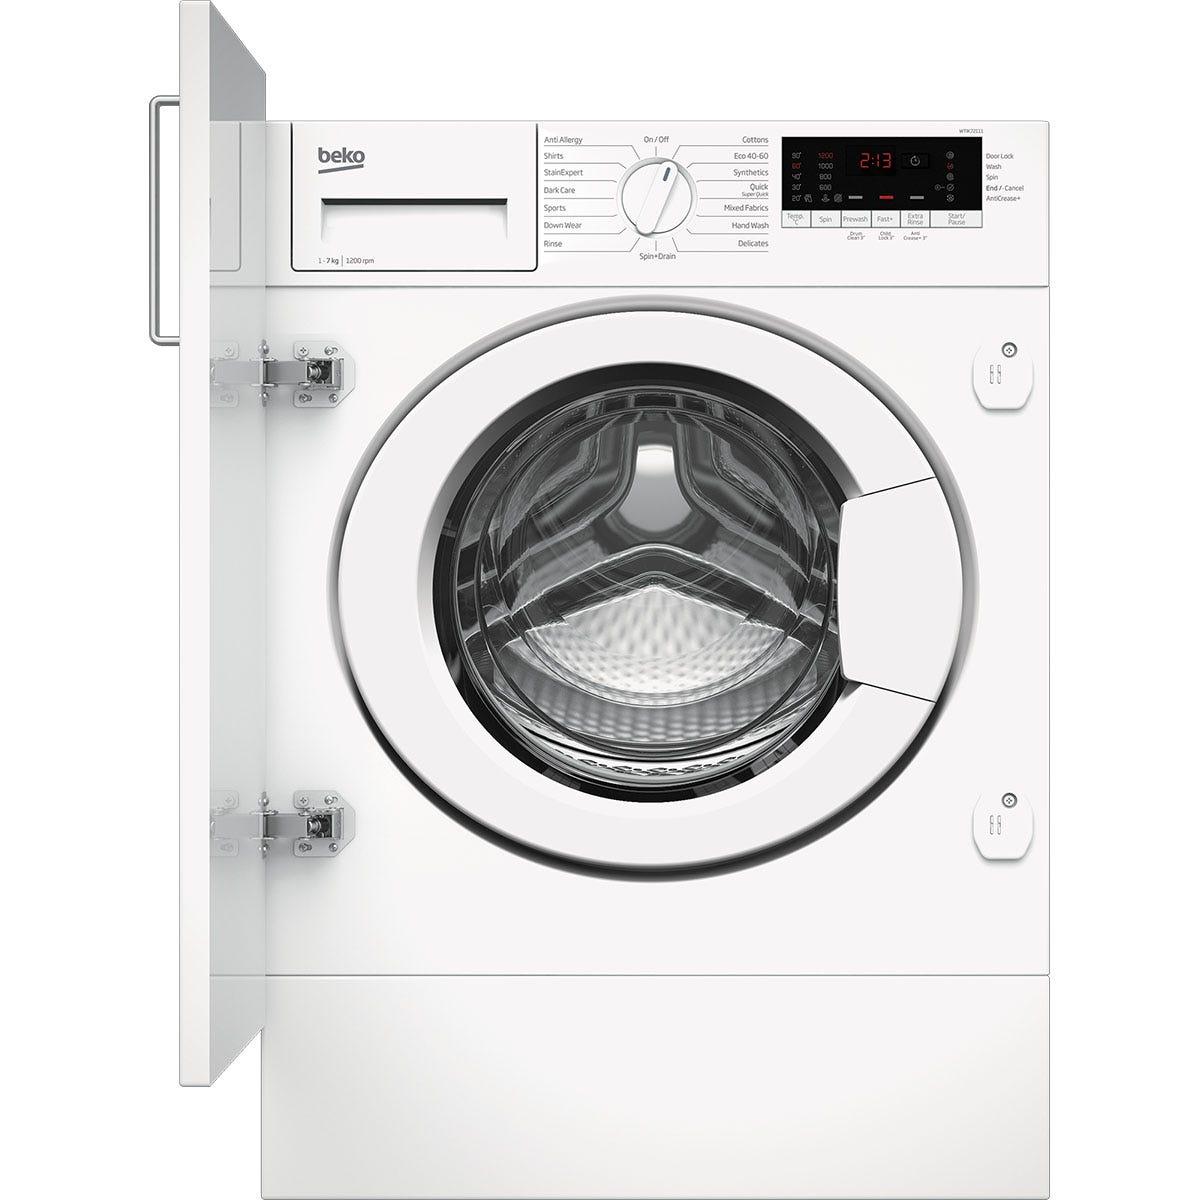 Beko WTIK72111 7kg 1200rpm Integrated Washing Machine - White